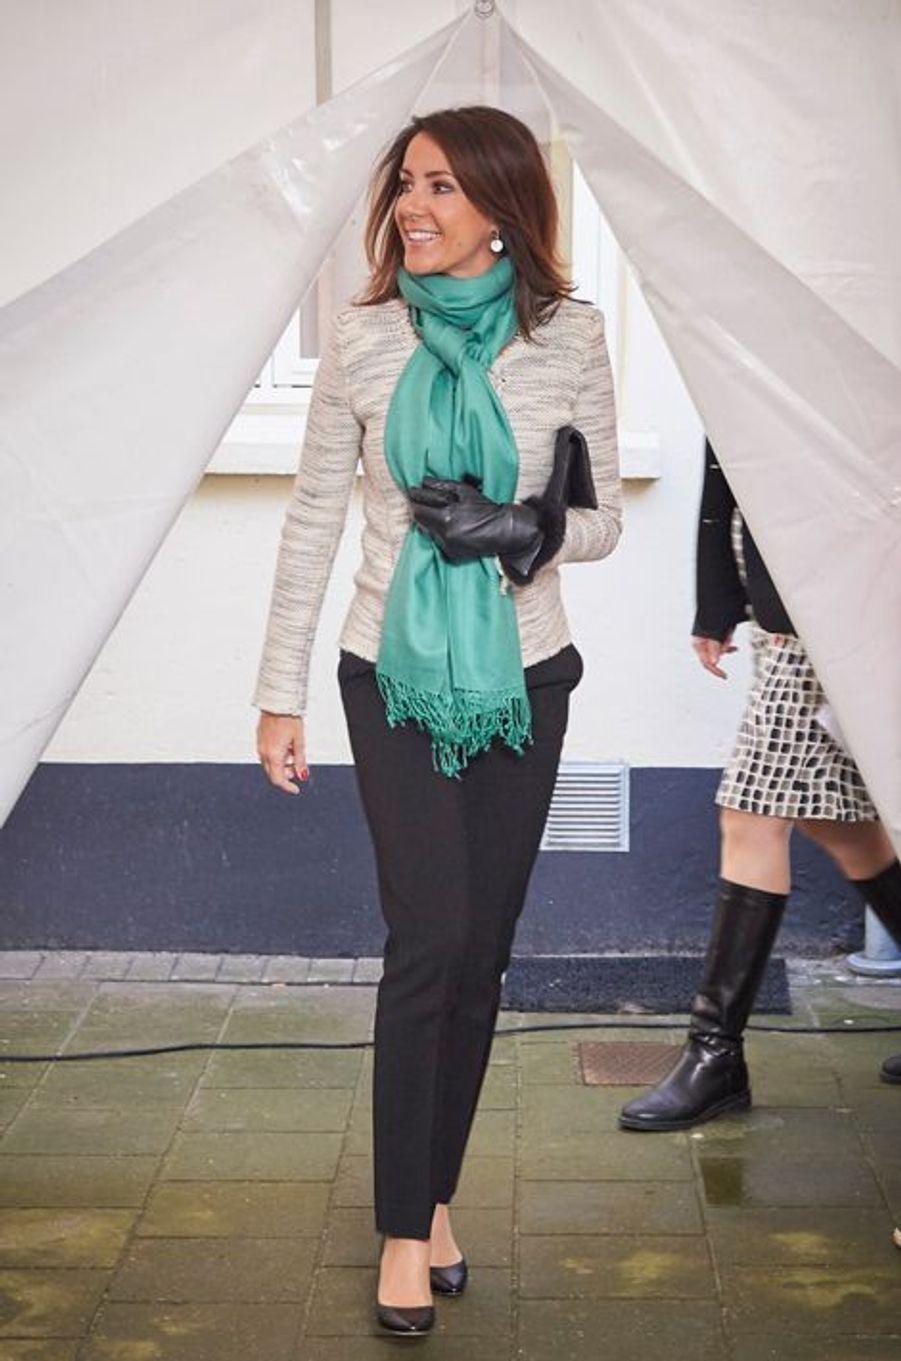 La princesse Marie de Danemark inaugure le WeFood store de Copenhague, le 22 février 2016